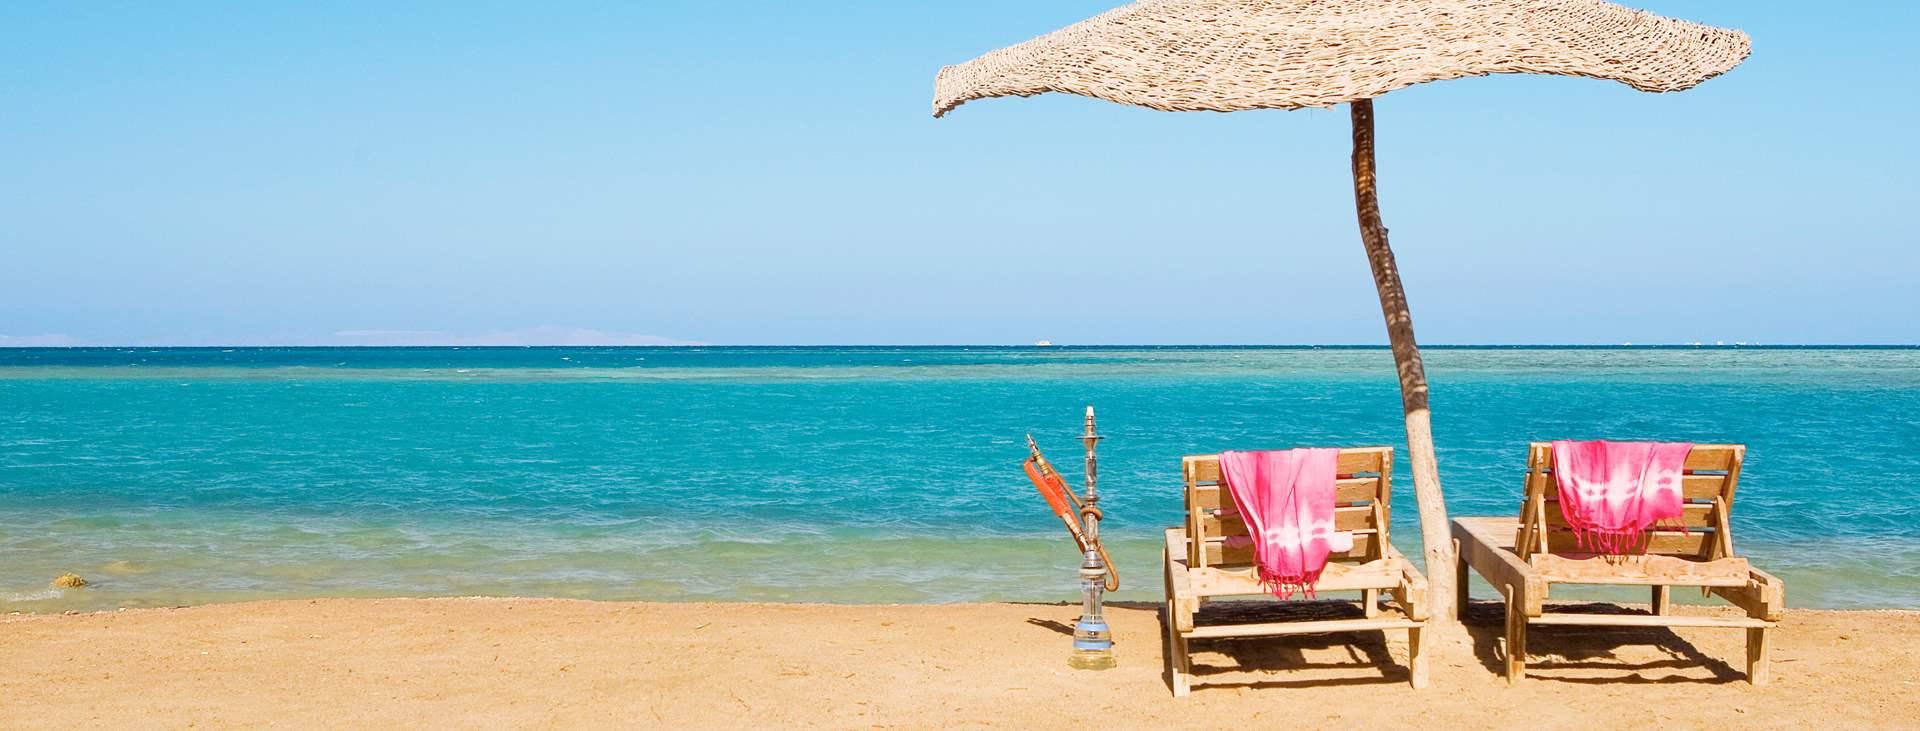 Reiser til Hurghada med Ving